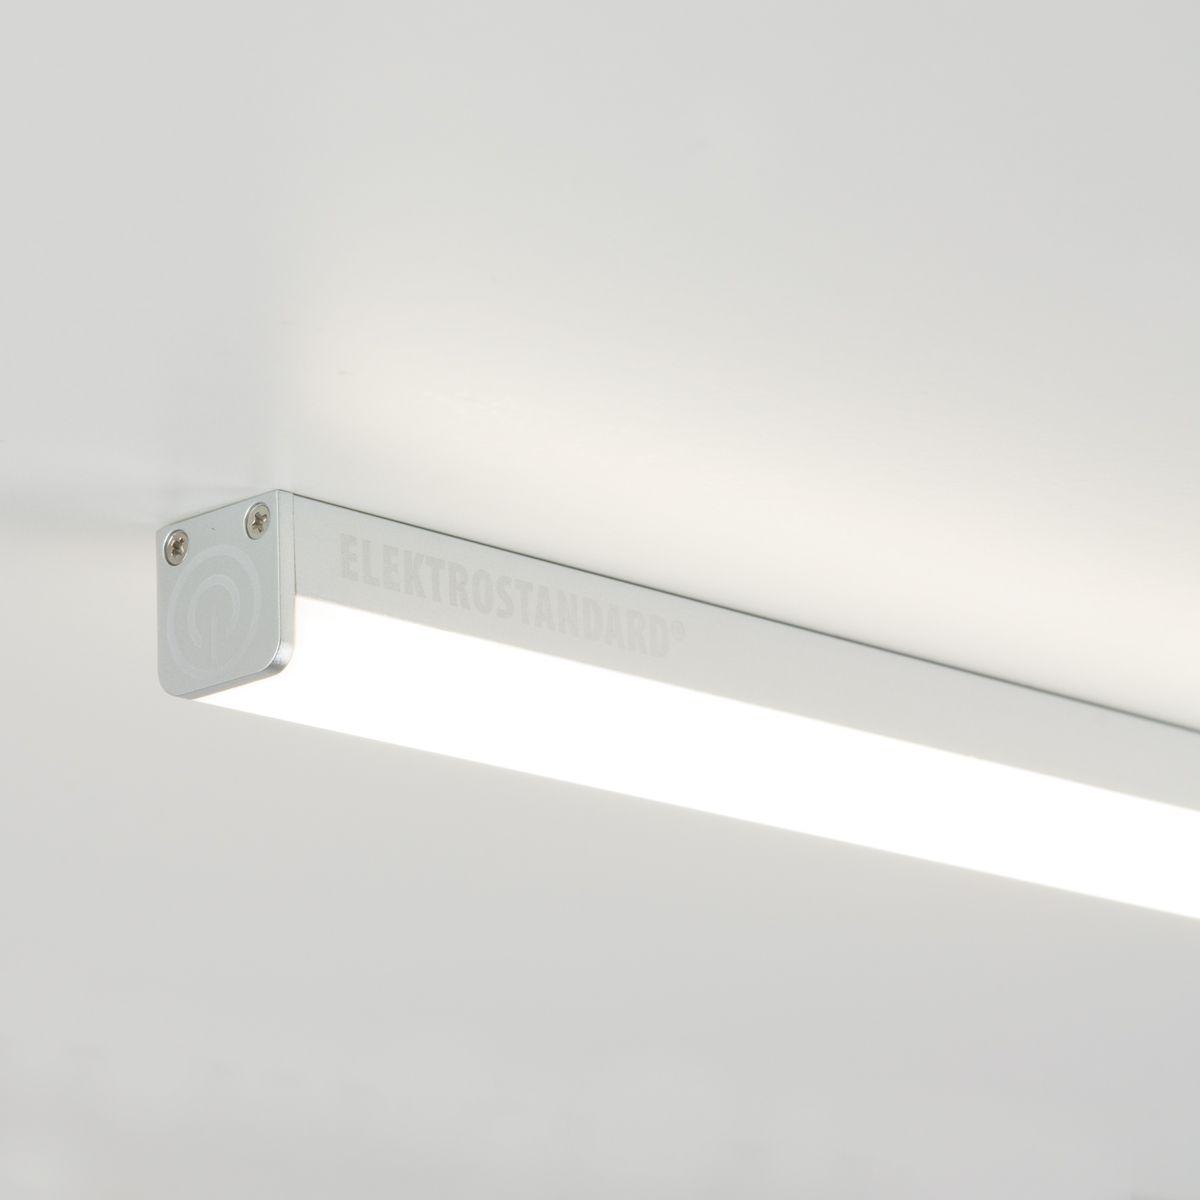 Светодиодный светильник с сенсорным выключателем Led Stick 16Вт 90см LST01 16W 4200K